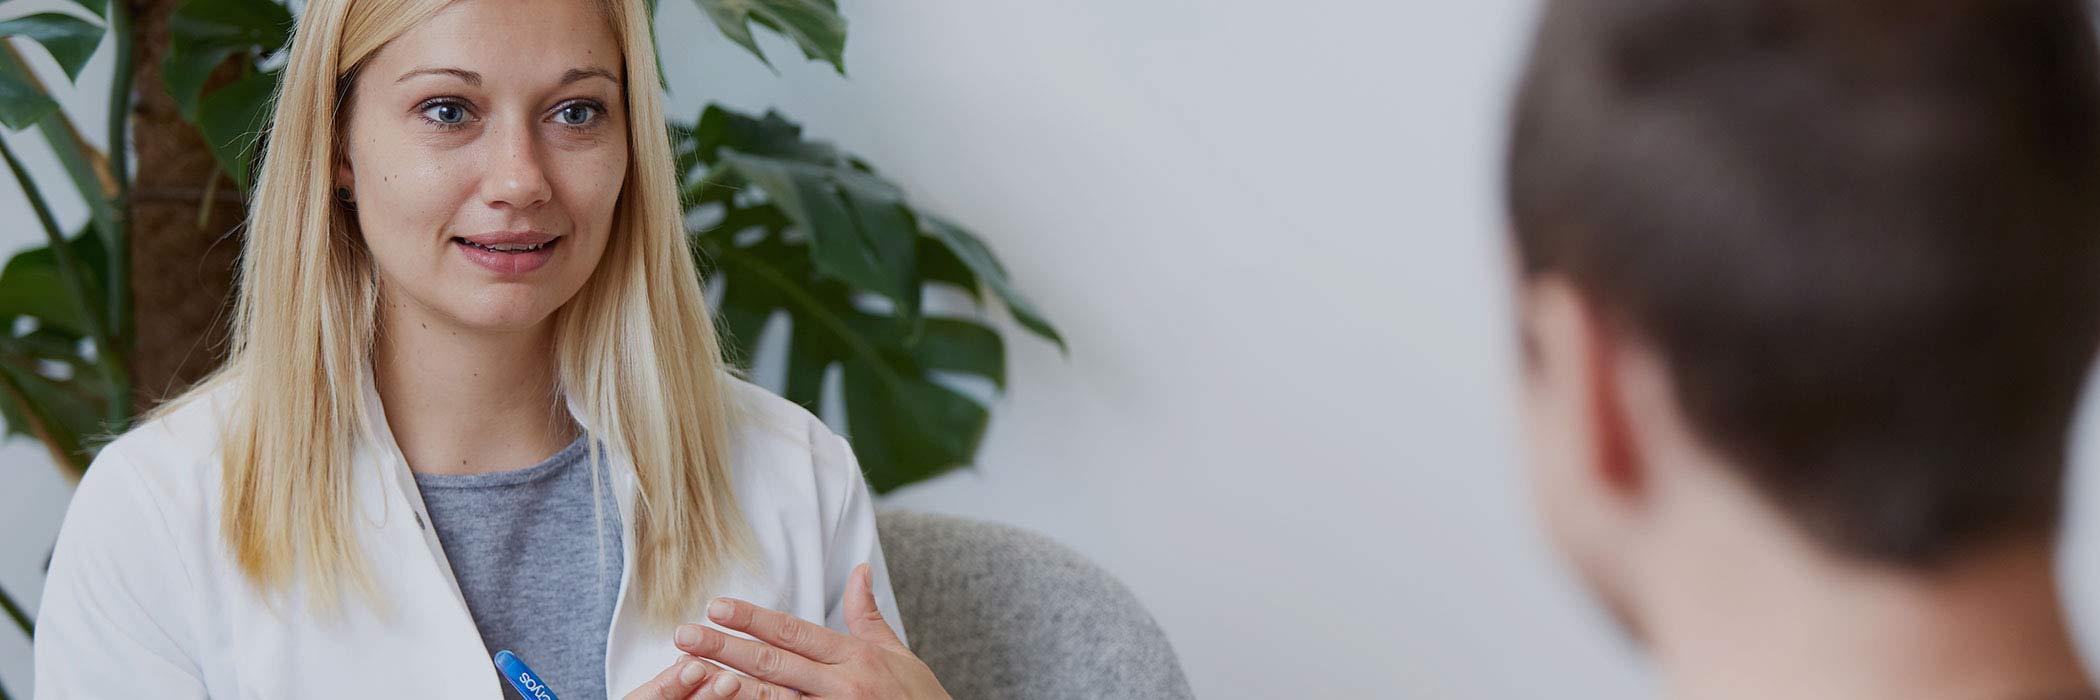 Cryos sygeplejerske der fortæller om hvordan Cryos screener donorer for at sikre den bedste kvalitet på sædstrå